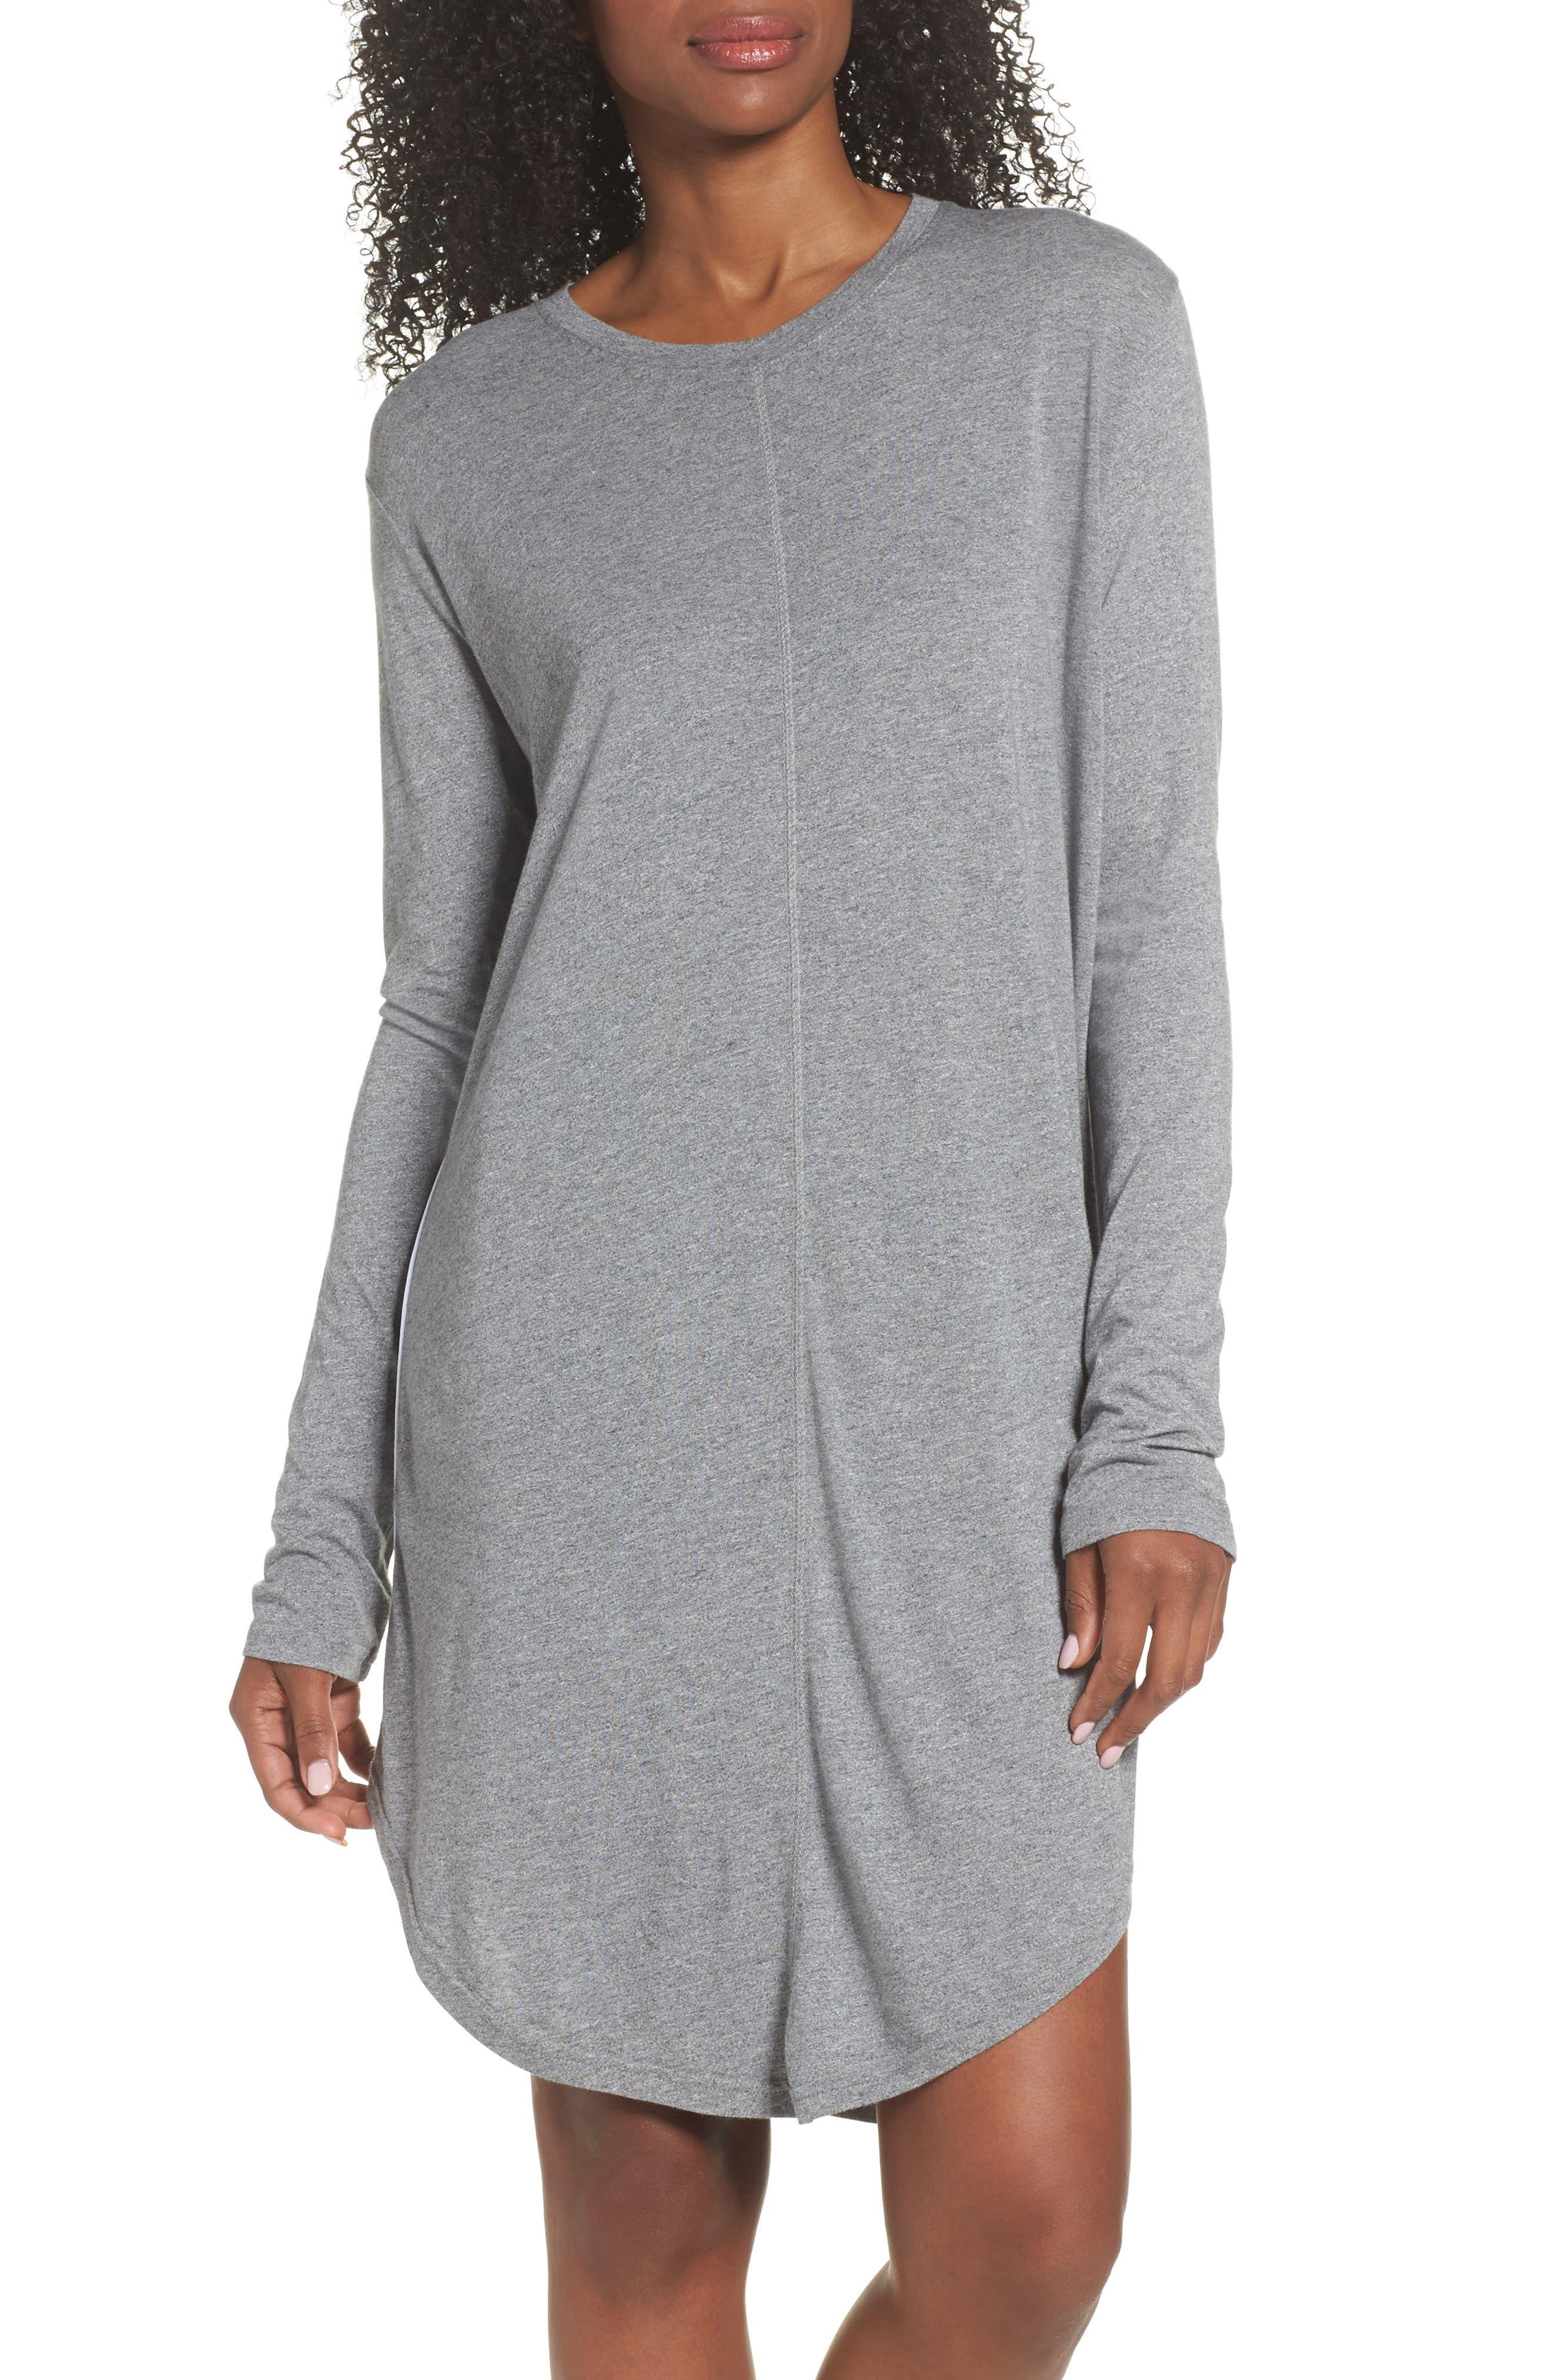 Wednesday Sleep Shirt,                         Main,                         color, Ash Marle